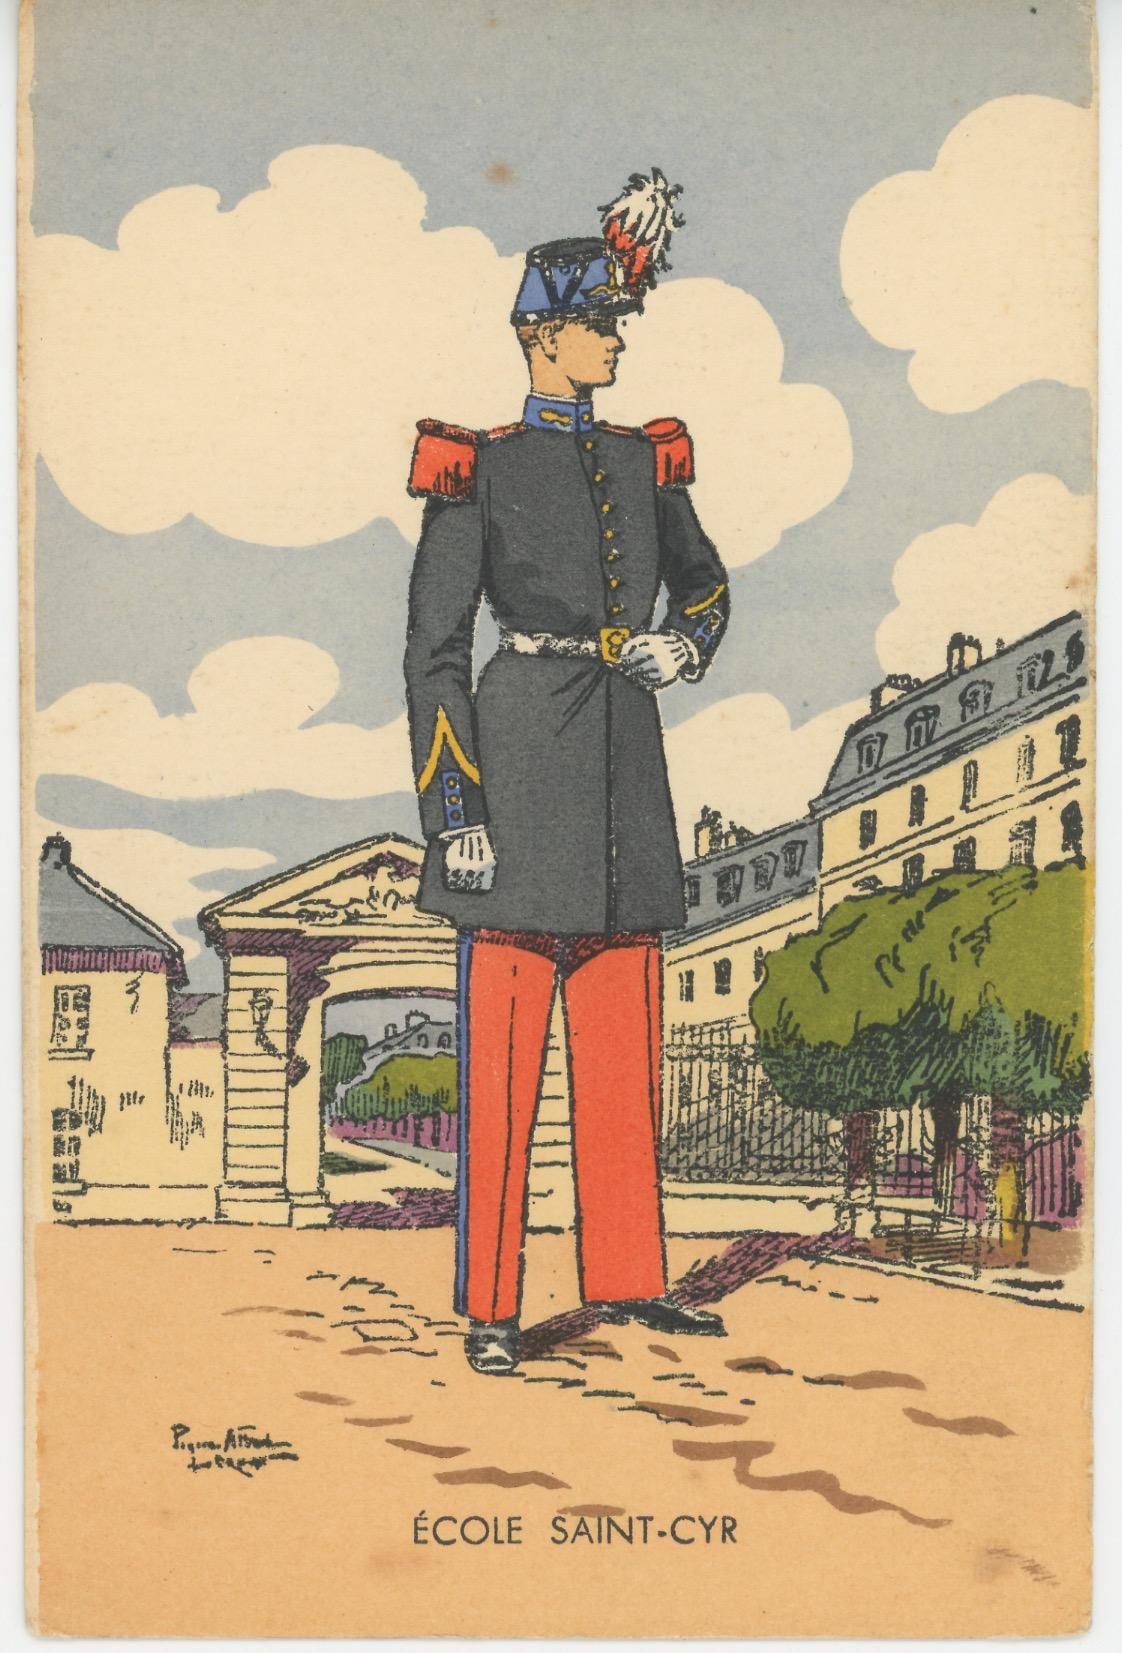 Carte Postale Illustrée - Pierre Albert Leroux- Edition Militaire Illustrées - Ecole de Saint Cyr - 1930